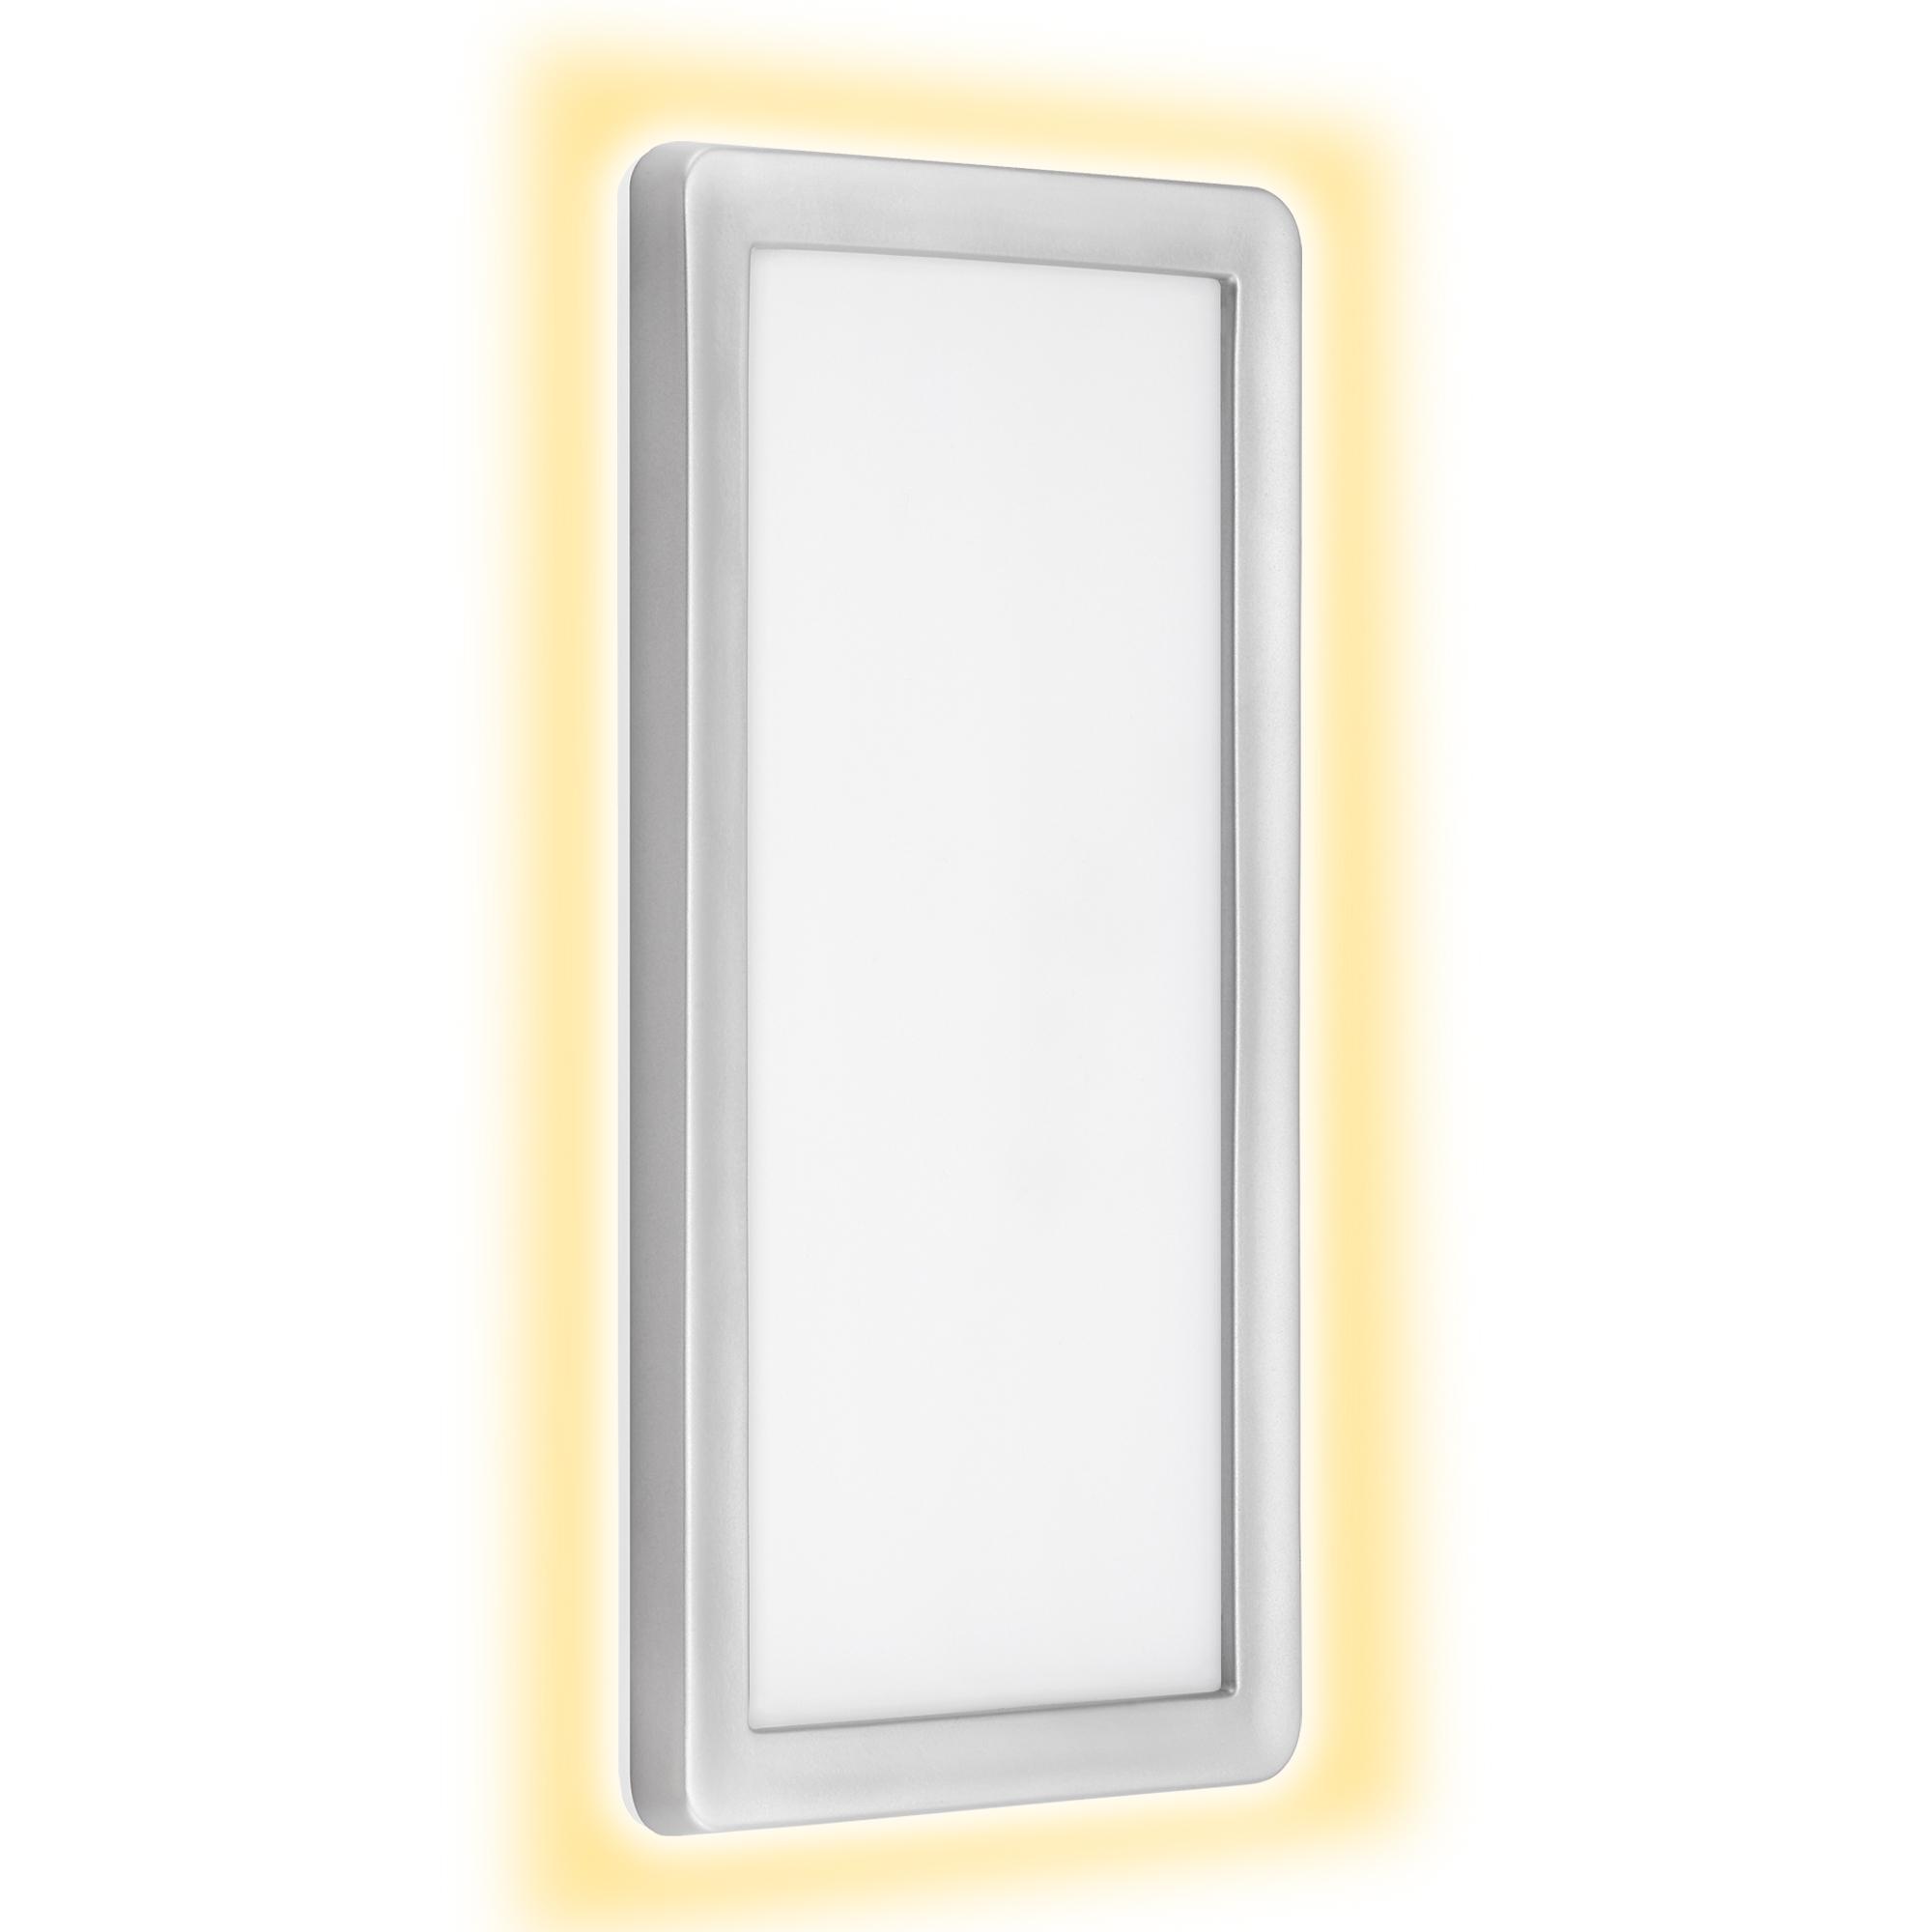 TELEFUNKEN LED Außenwandleuchte, 28 cm, 16 W, Silber